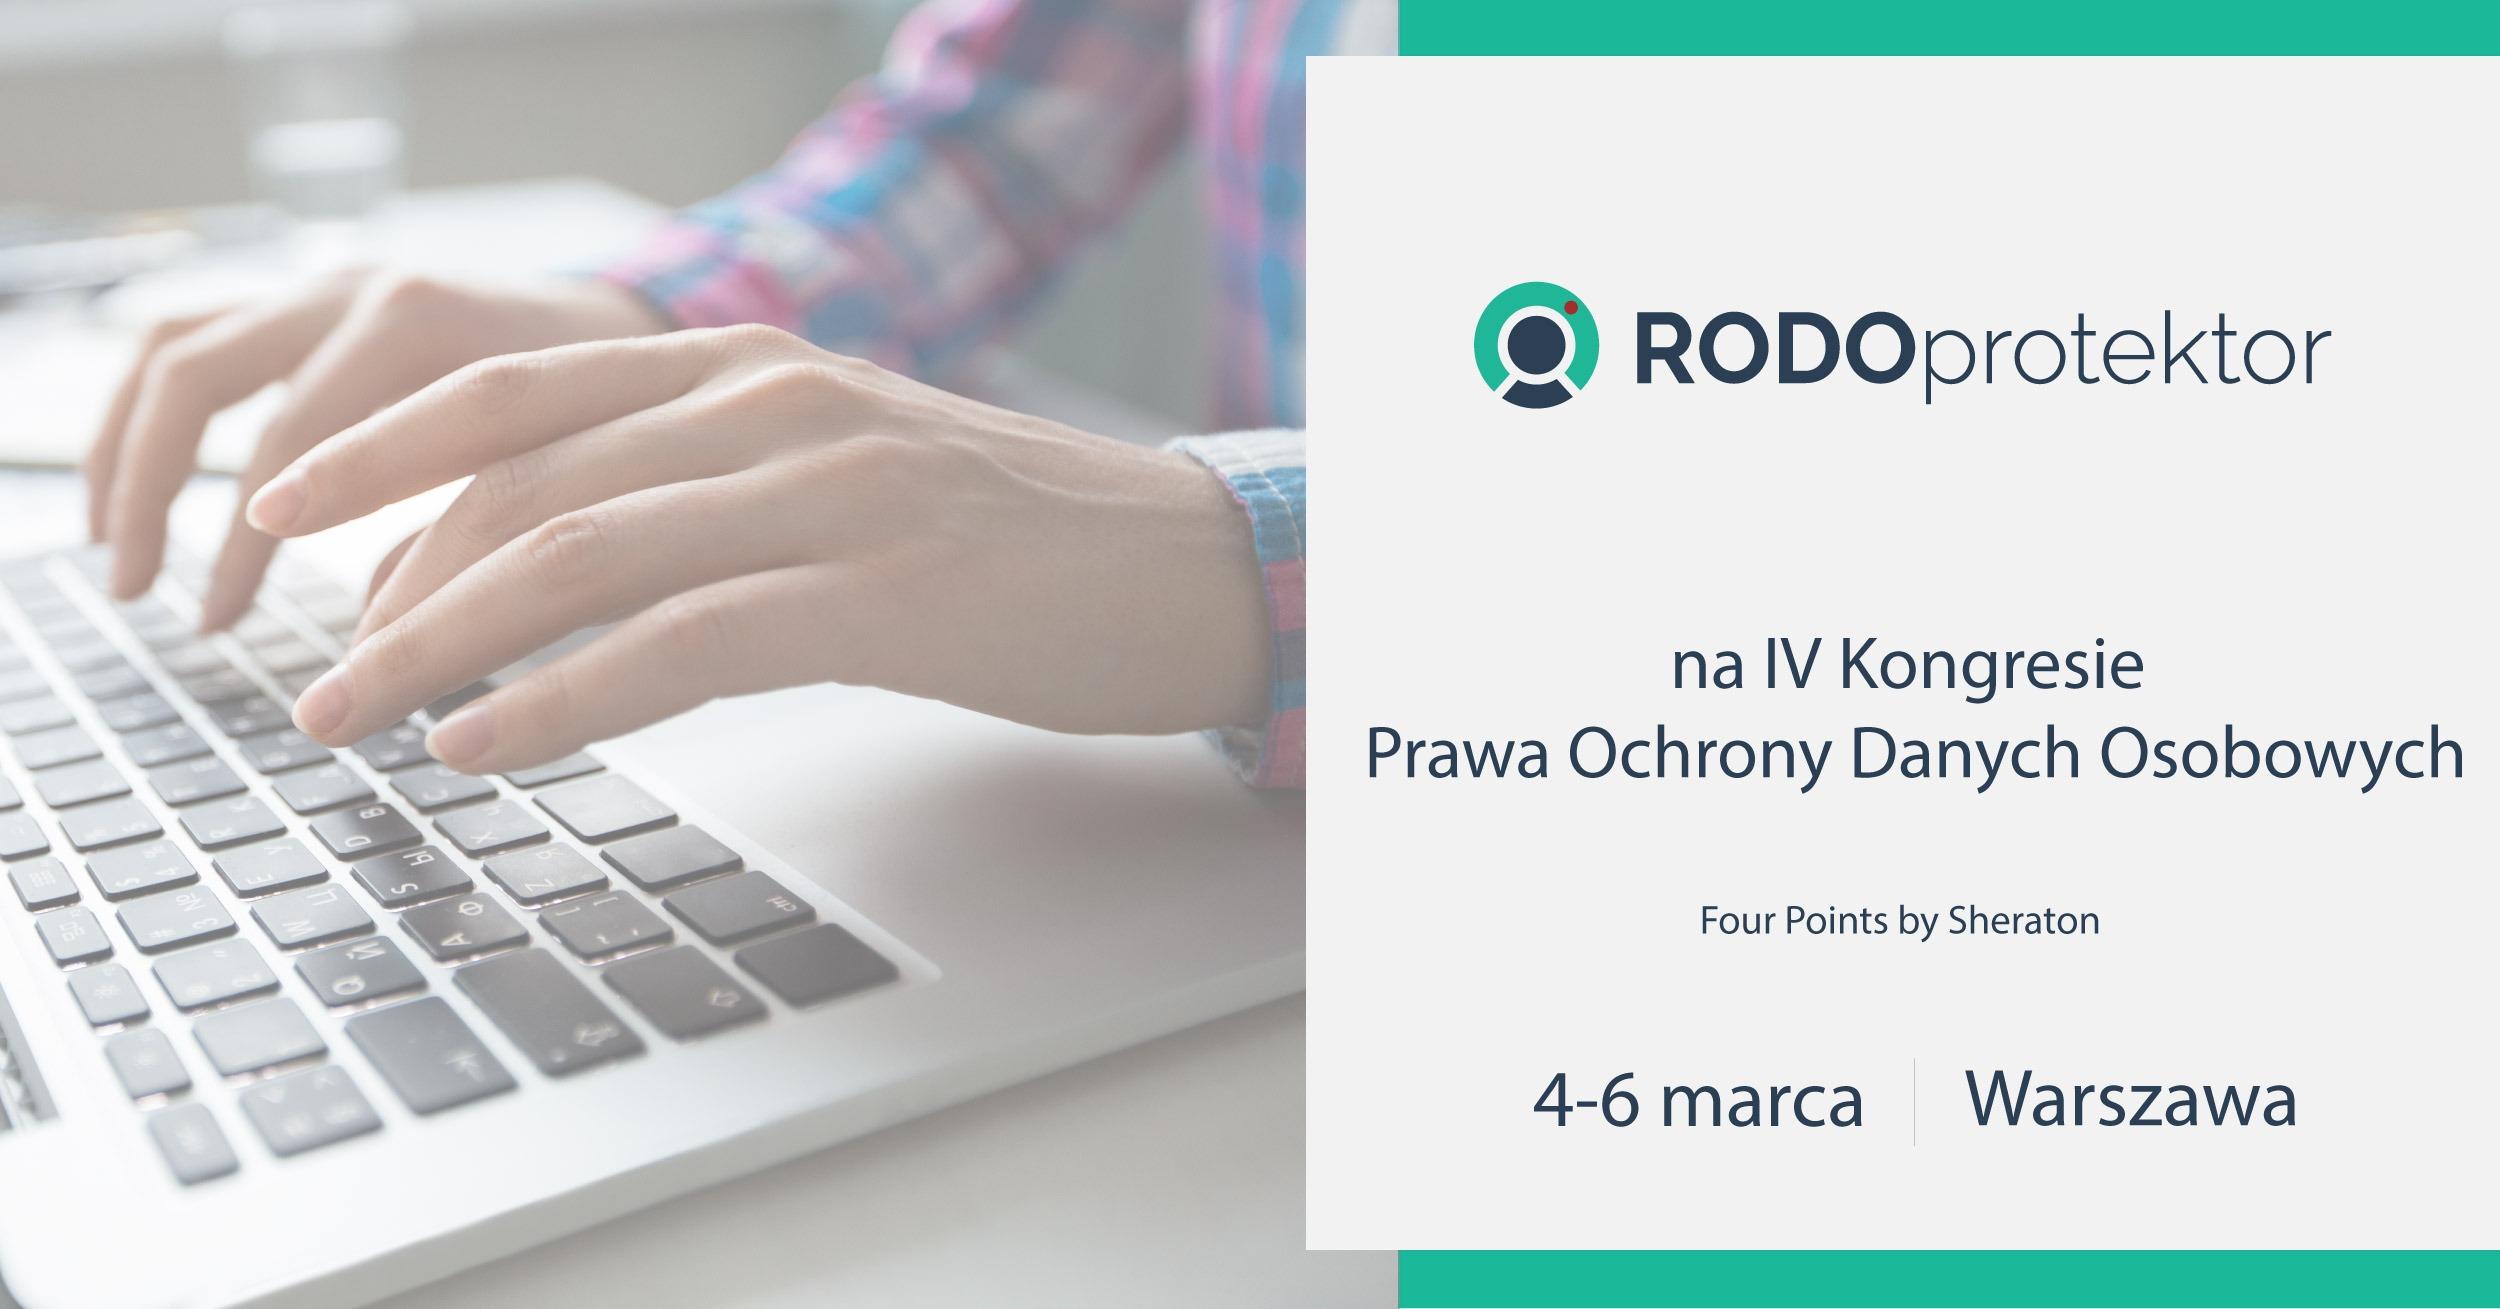 BTC IV Polski Kongres Prawa Ochrony Danych Osobowych